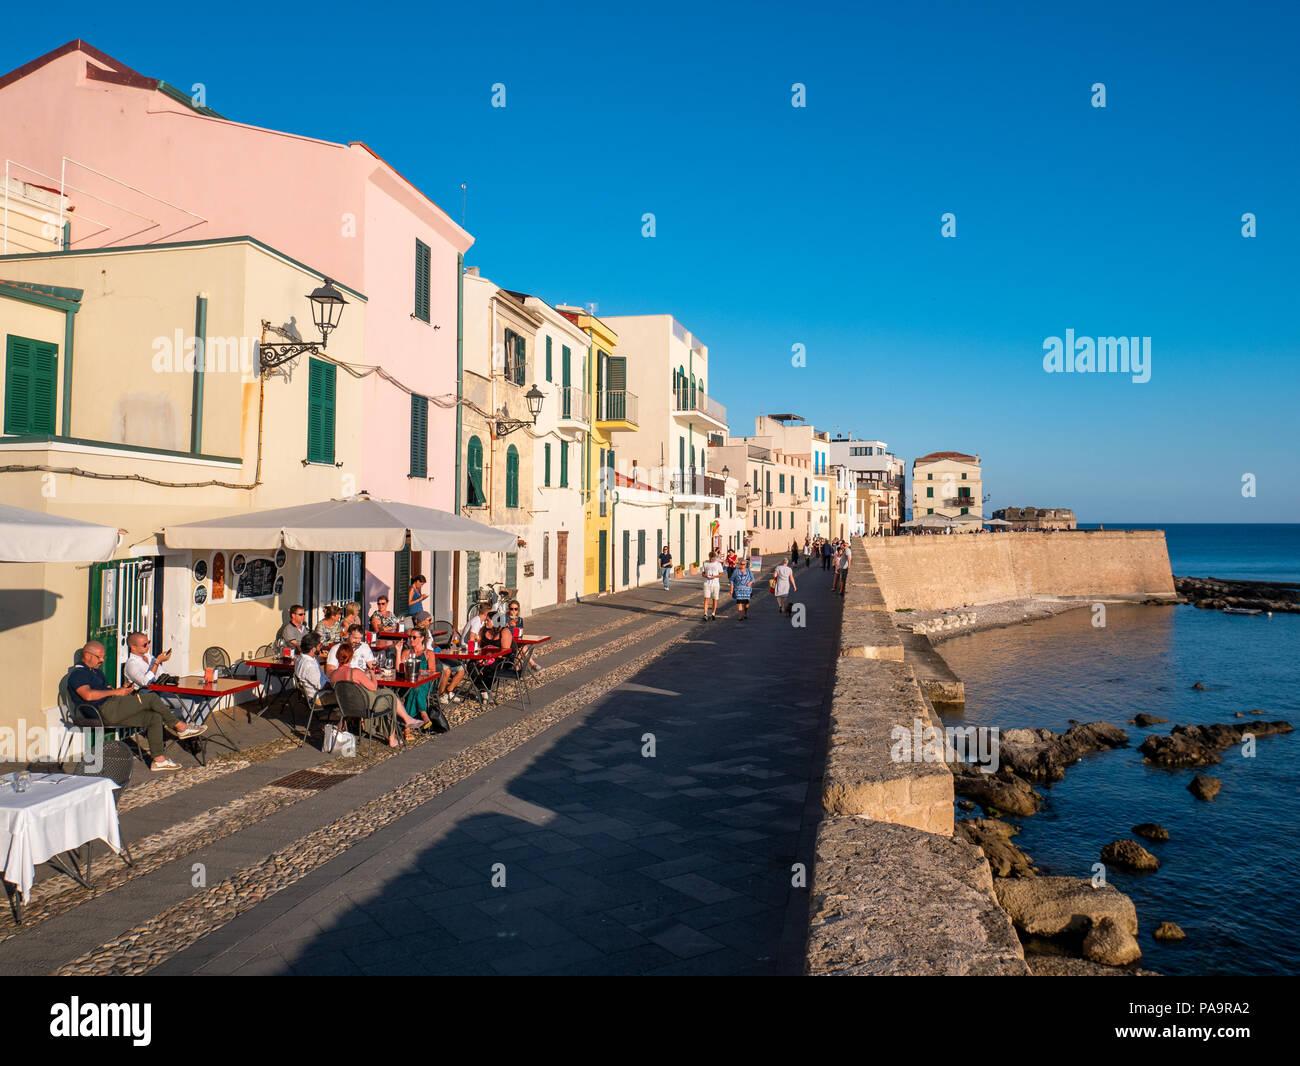 Bar am Wasser auf der Promenade, Alghero, Sardinien, Italien Stockbild